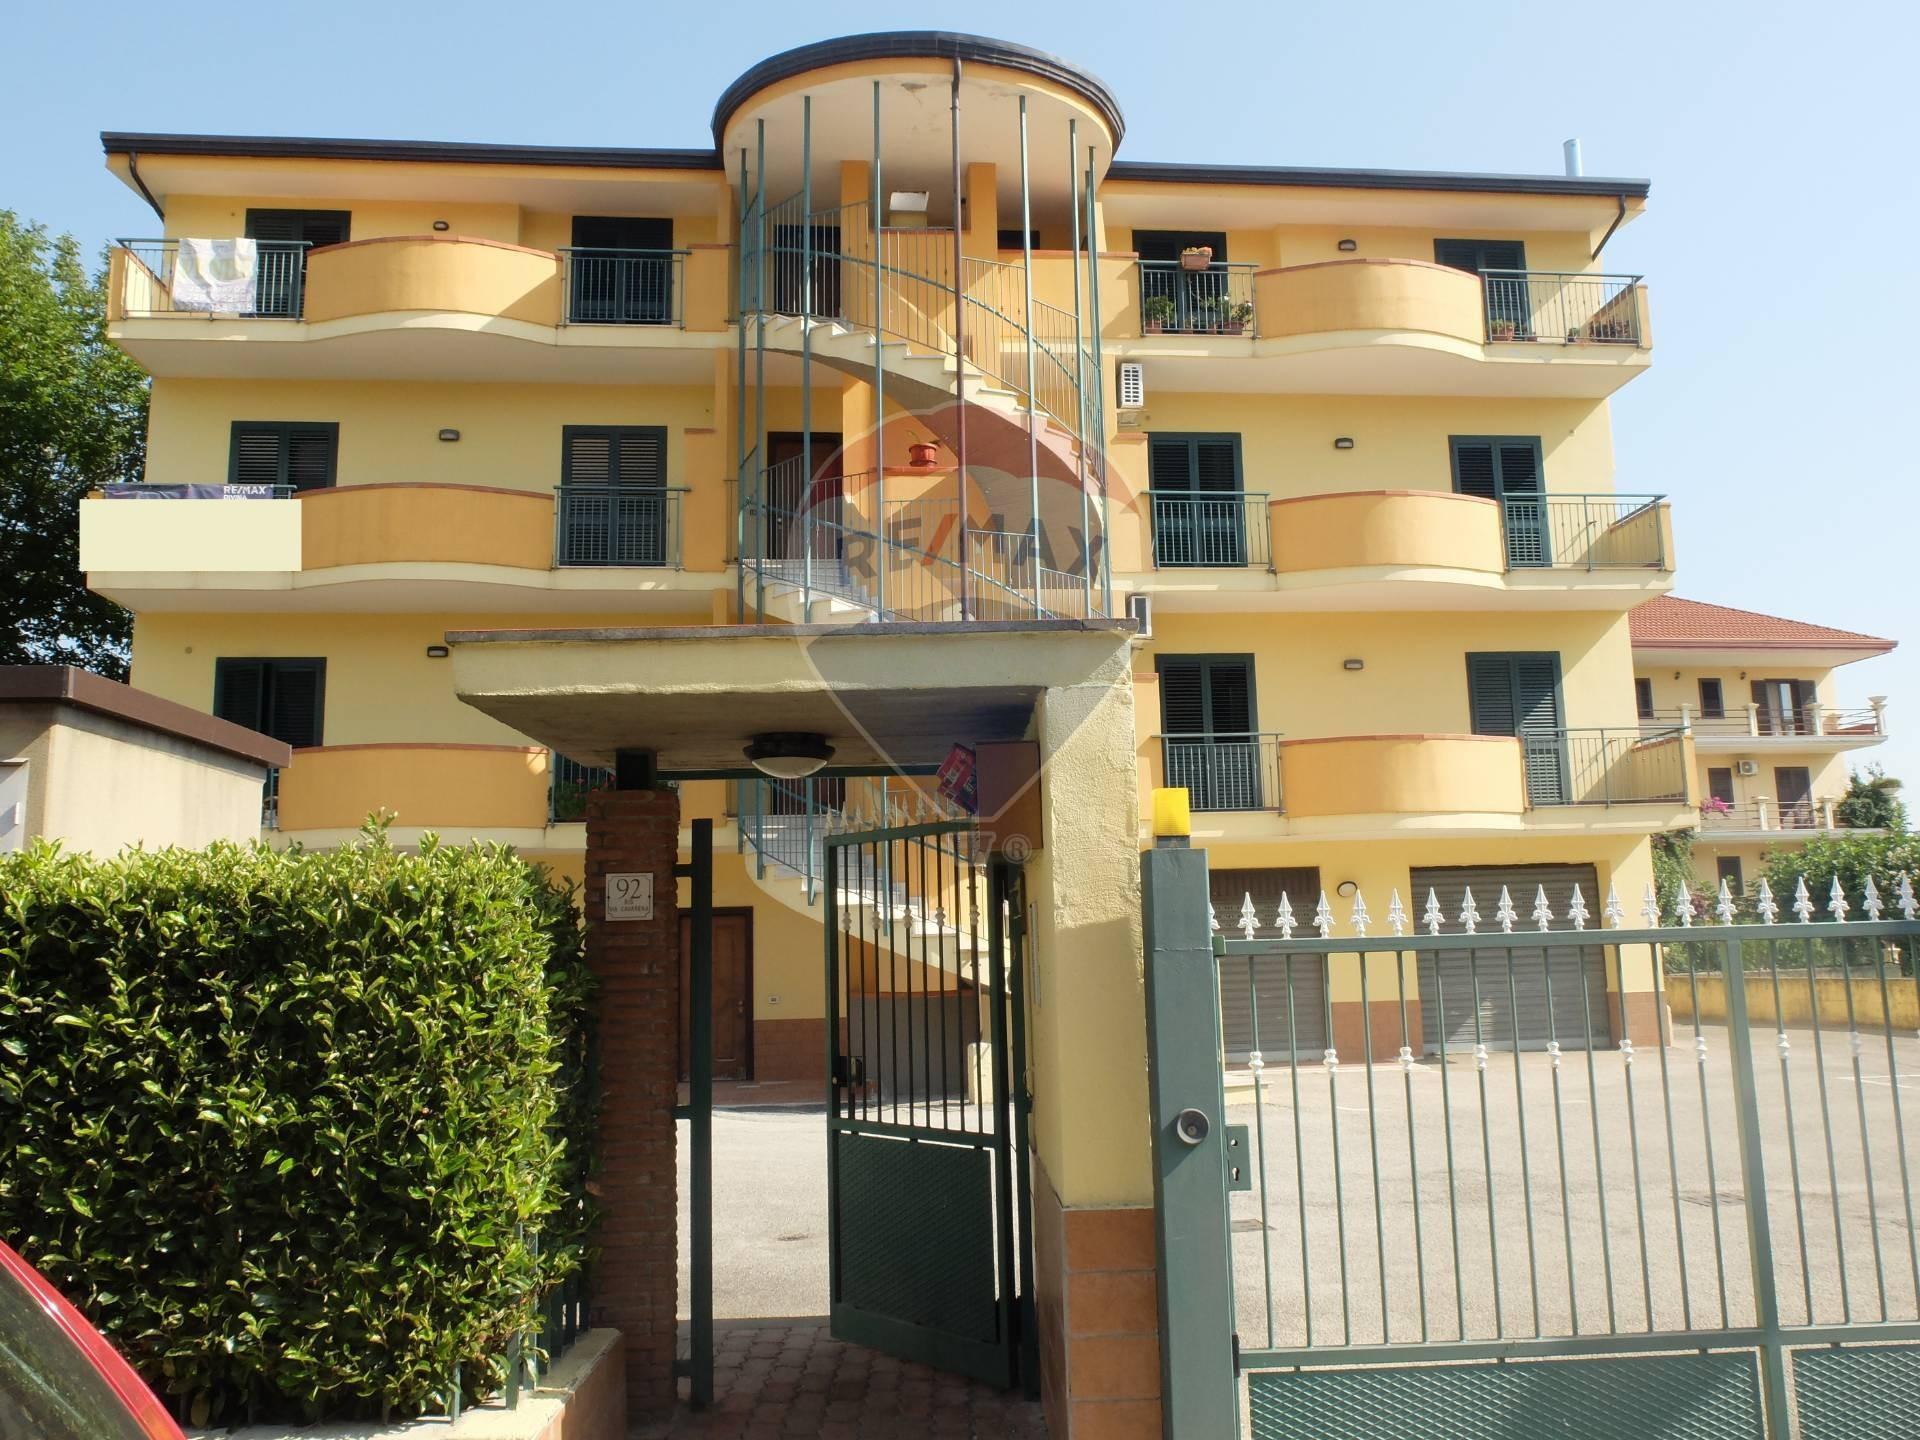 Appartamento in vendita a Amorosi, 3 locali, prezzo € 98.000 | CambioCasa.it